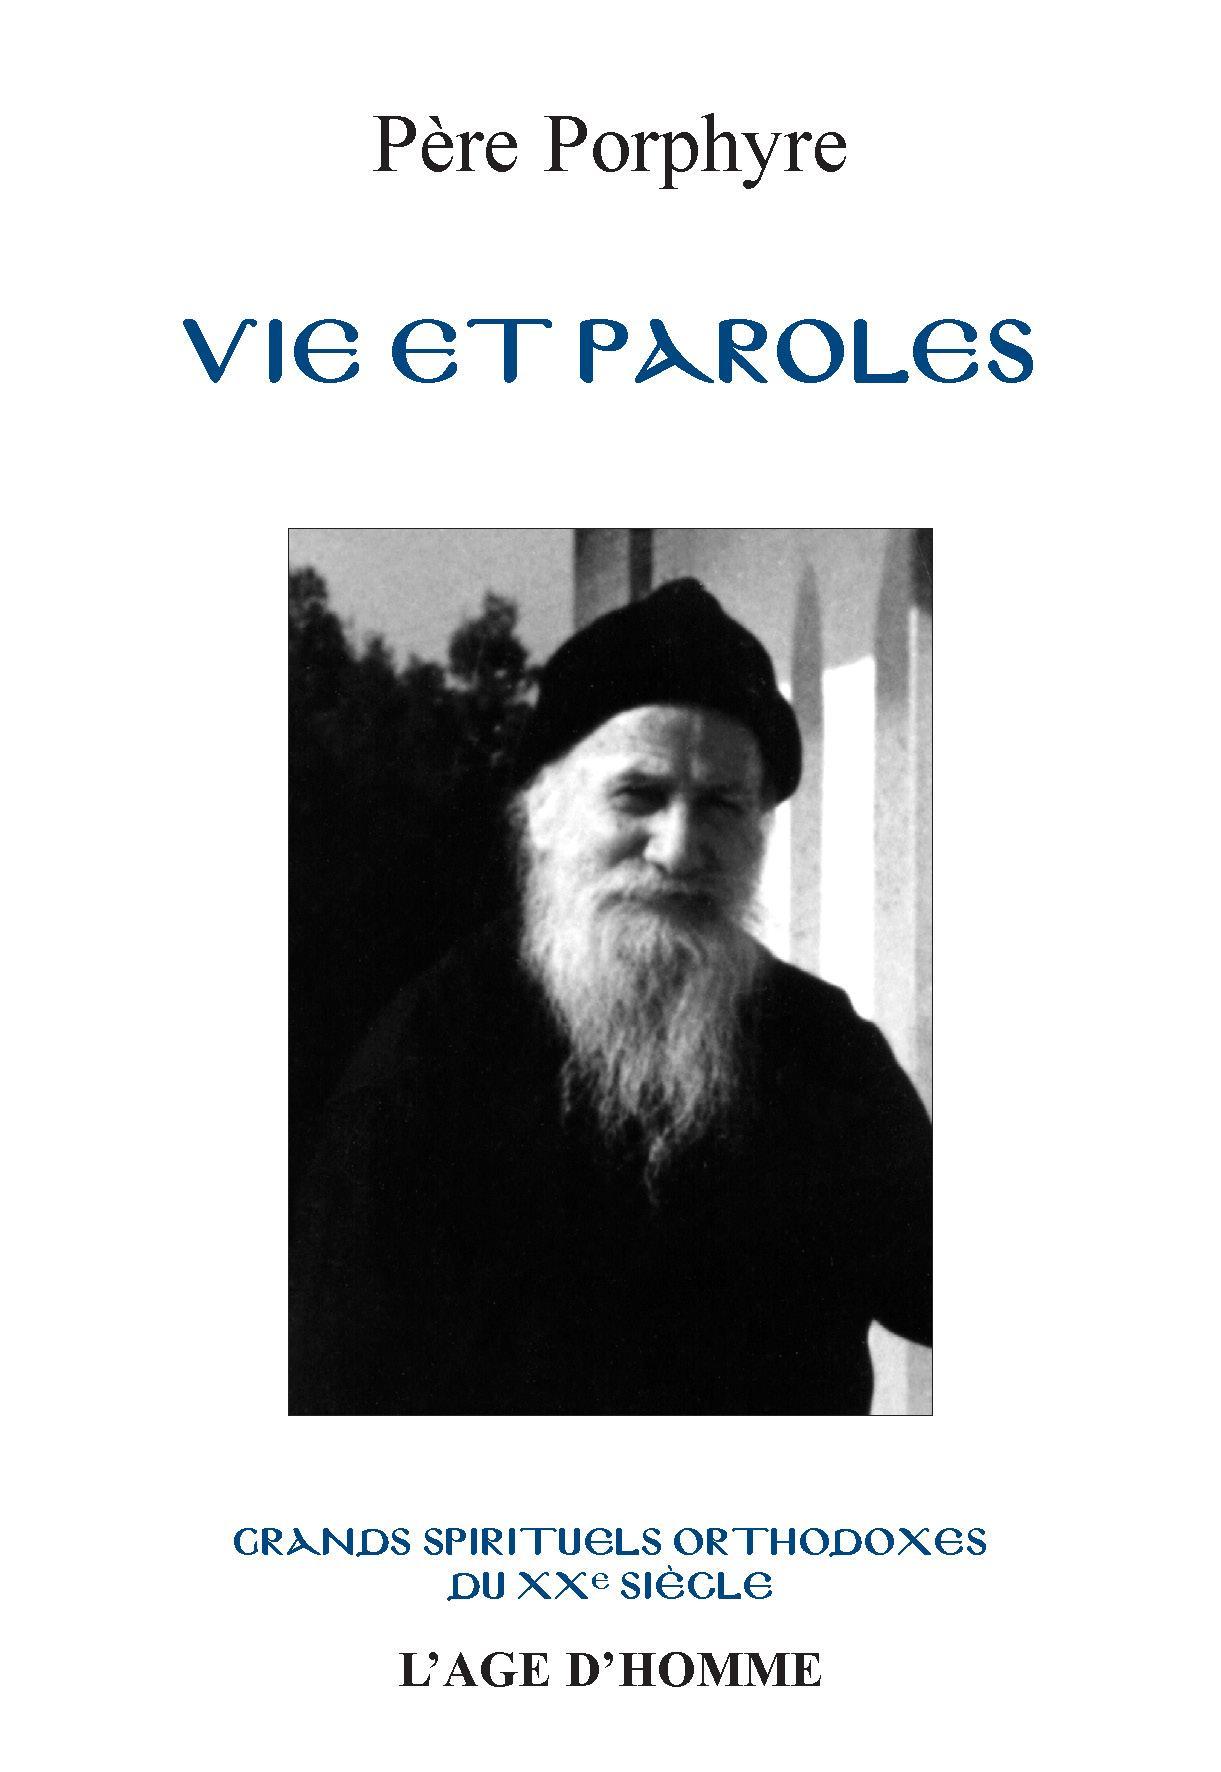 Père Porphyre - Vie et paroles